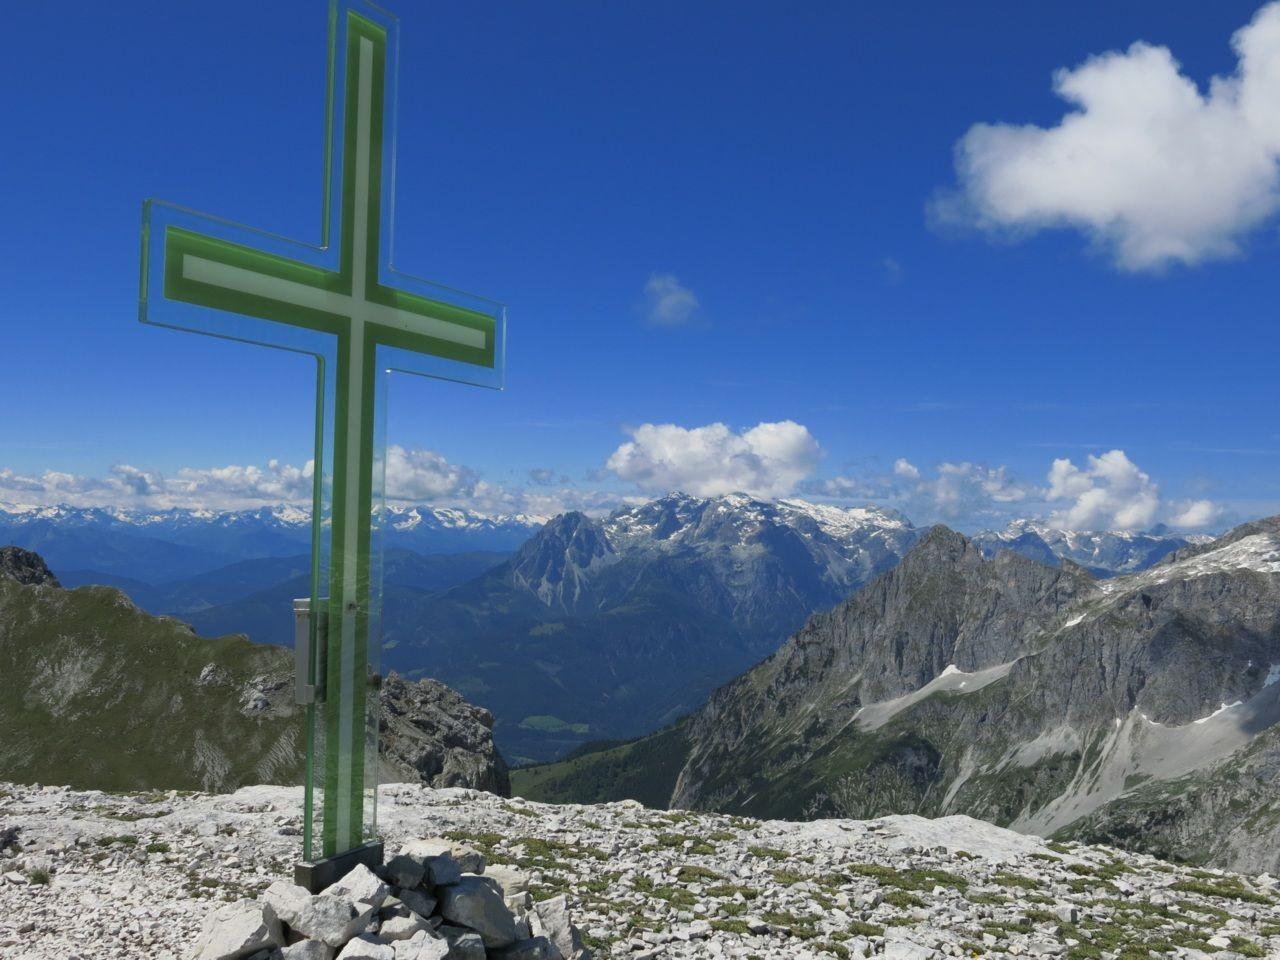 Für Berggeübte Wanderer ist auch eine Bergtour kein Problem